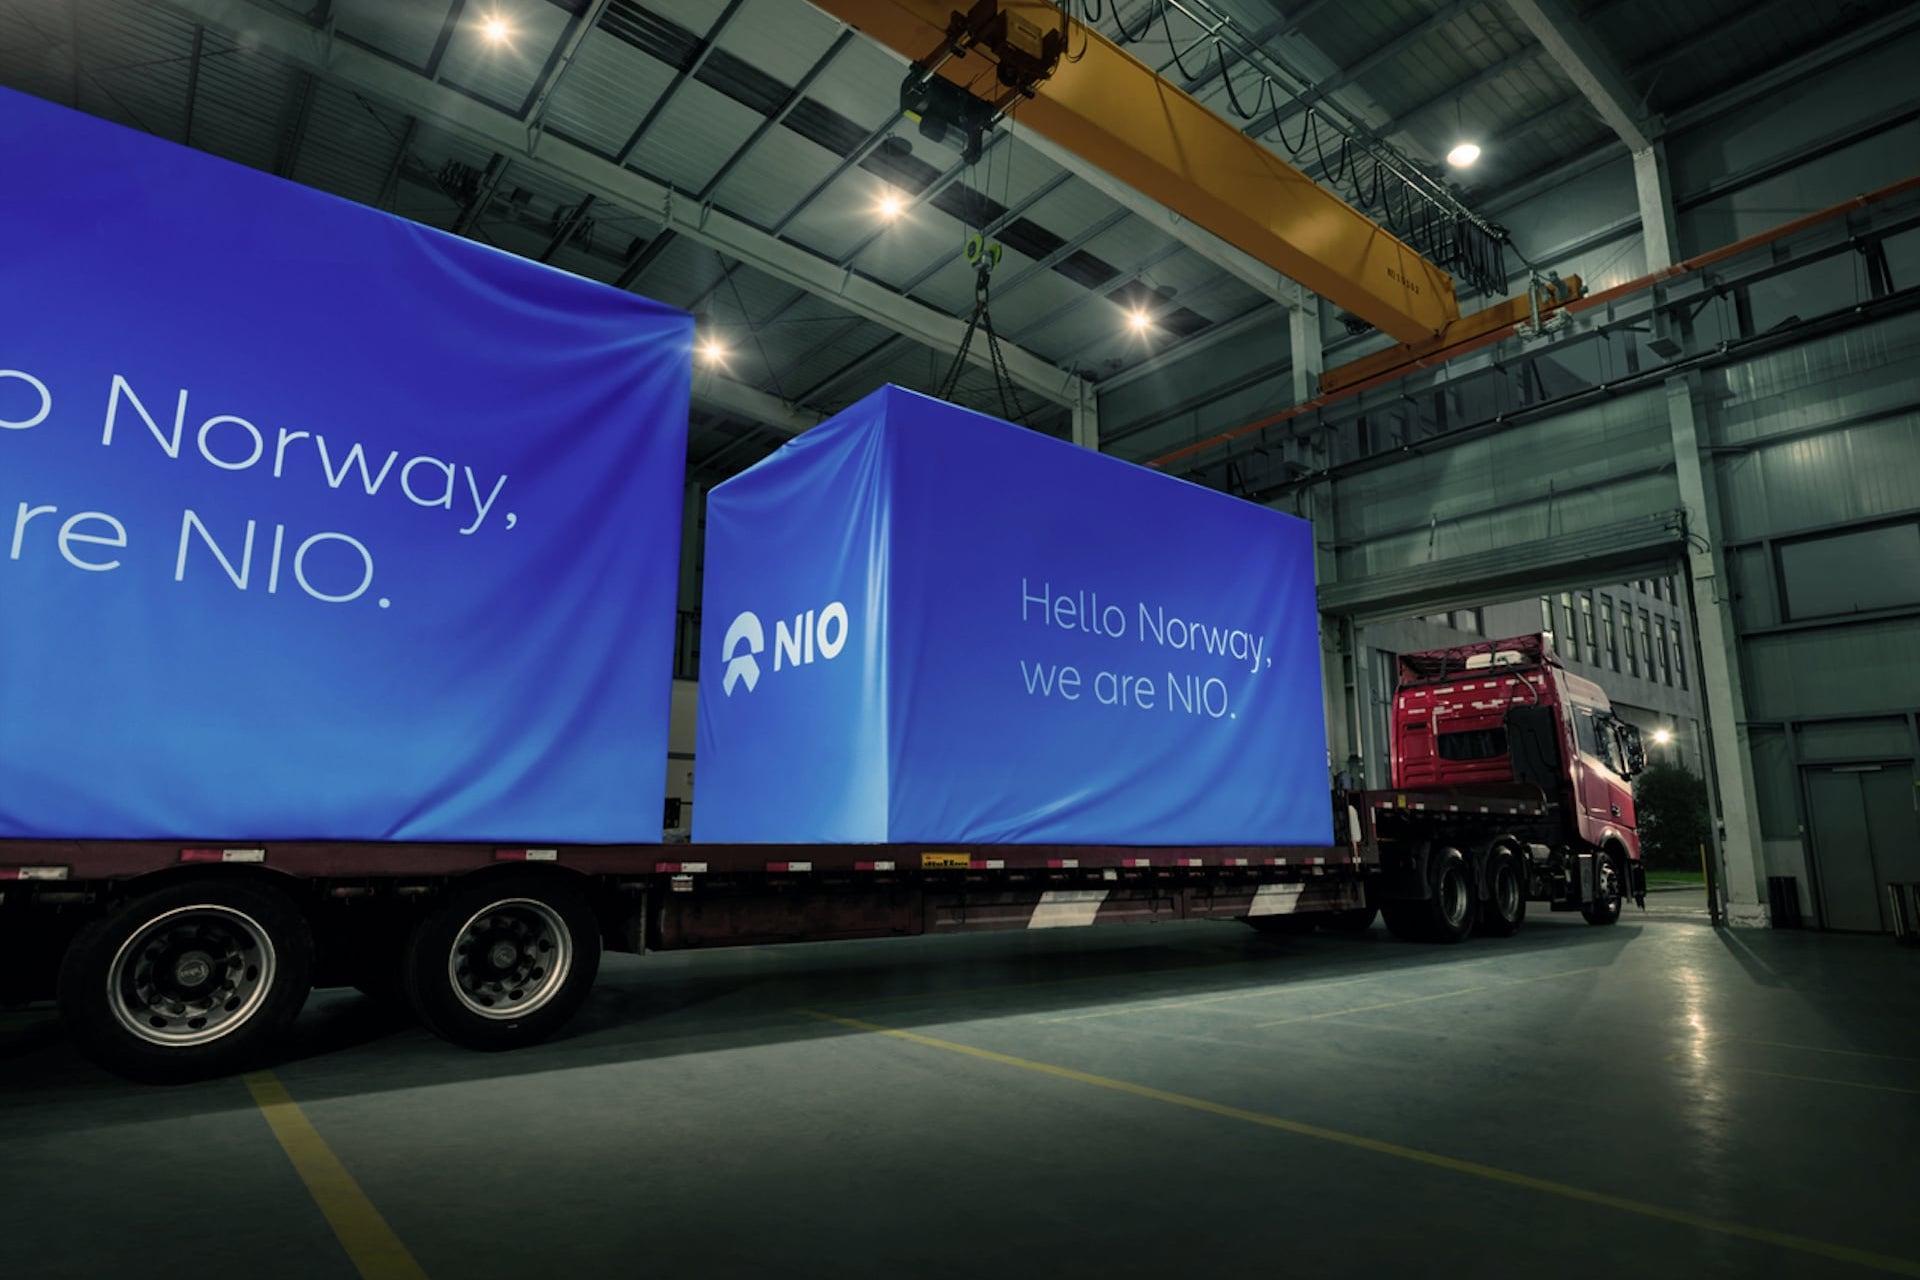 Nio- Hello Norway